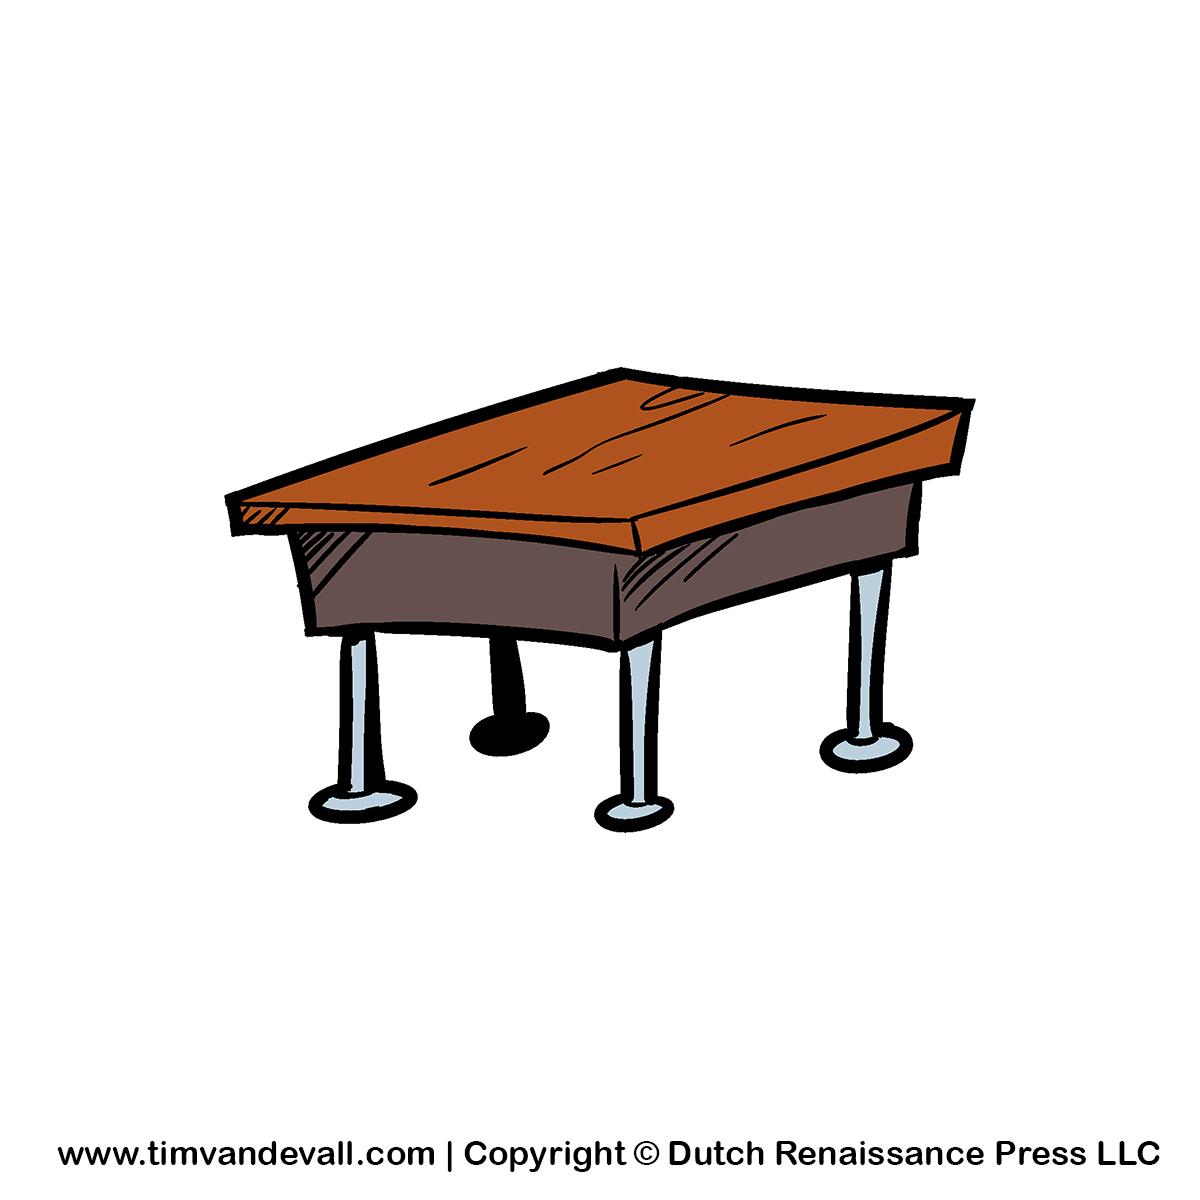 Desk clipart small desk. Free classroom cliparts download